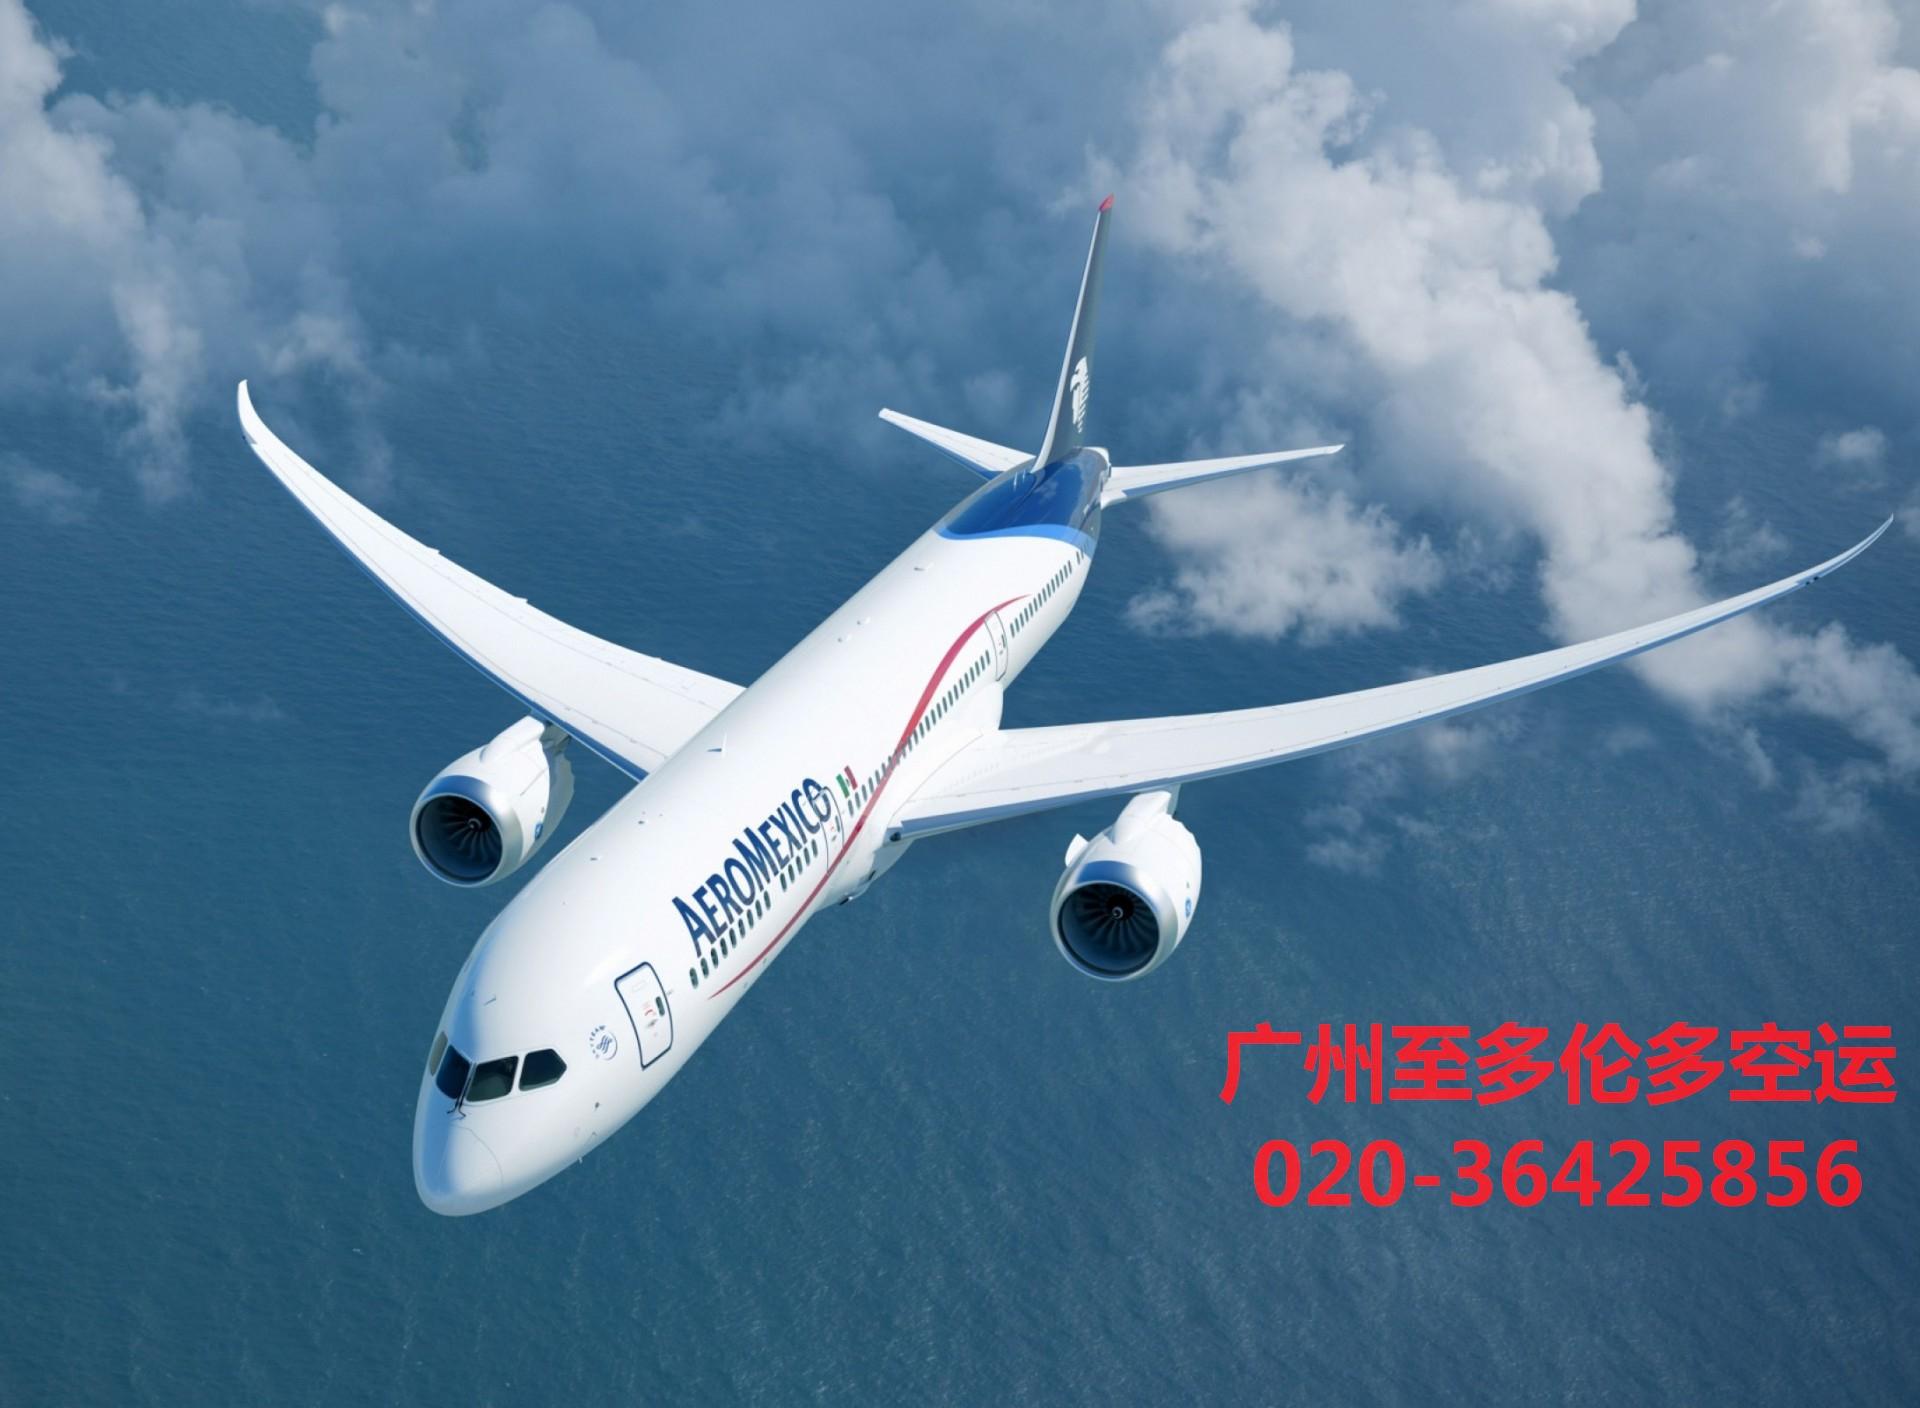 广州至罗马国际空运服务